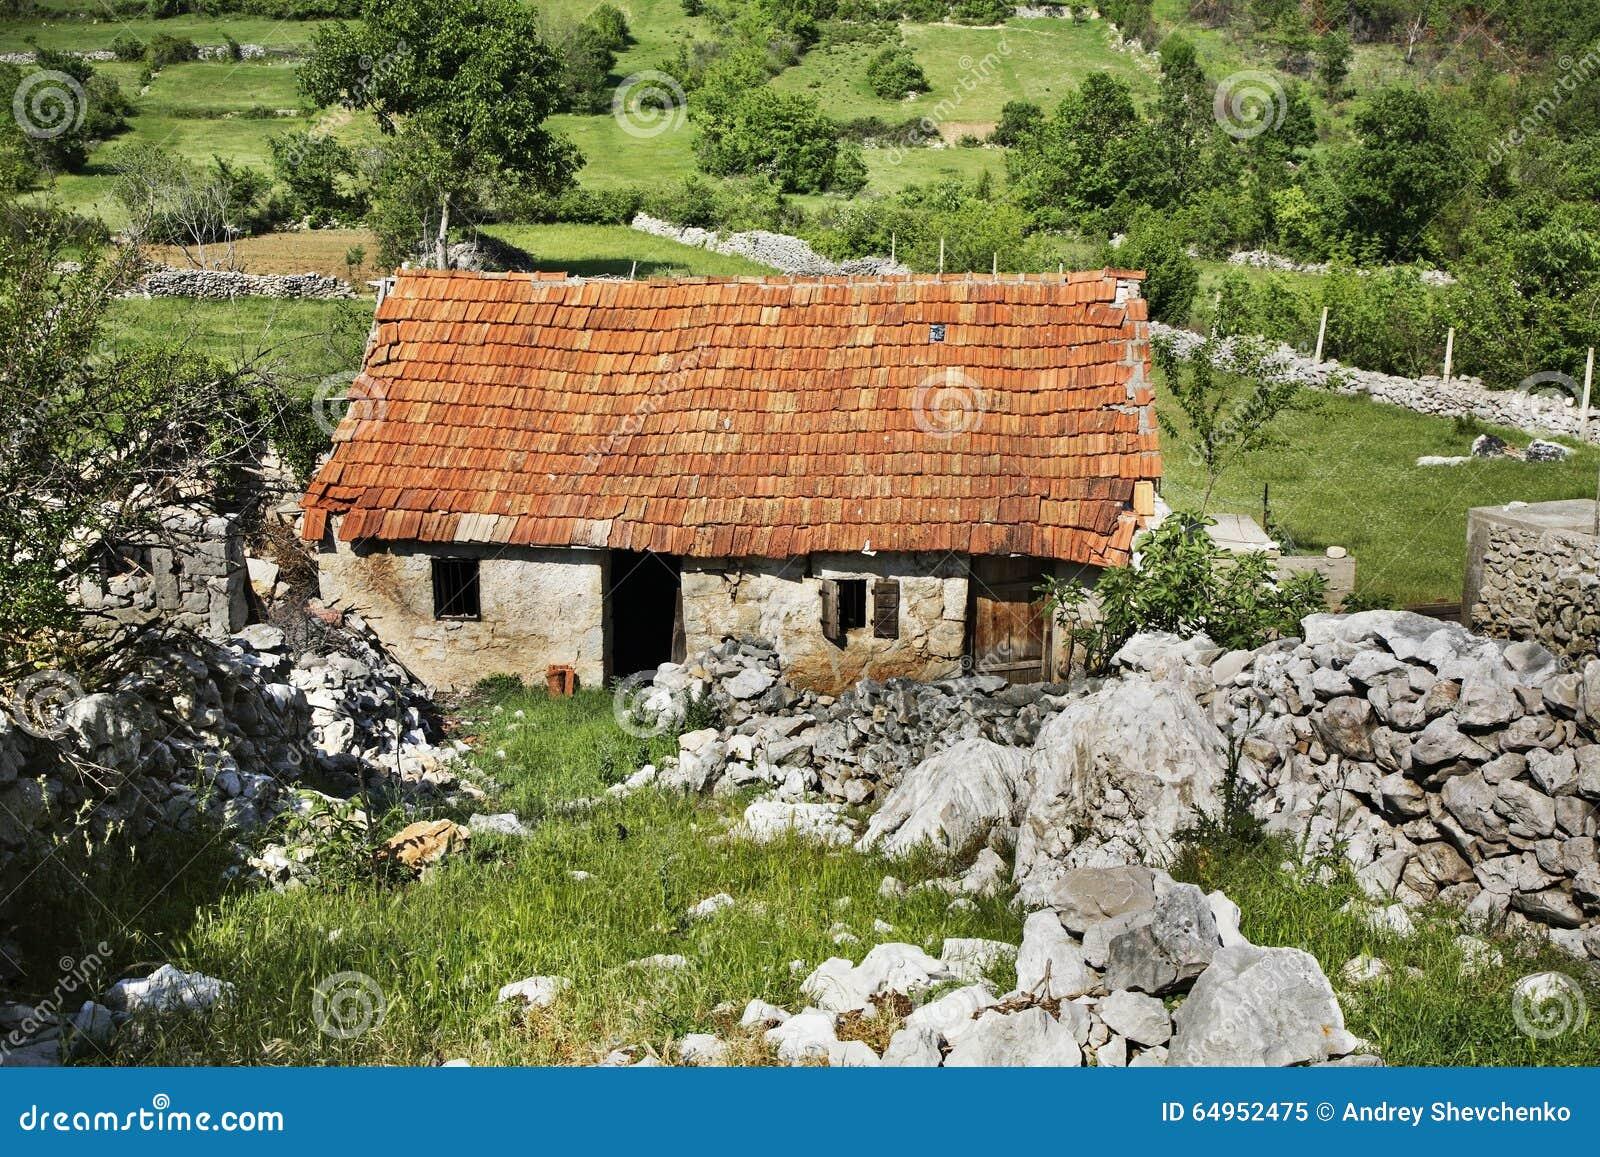 Övergett hus i Studenci stämma överens områdesområden som Bosnien gemet färgade greyed herzegovina inkluderar viktigt, planera ut